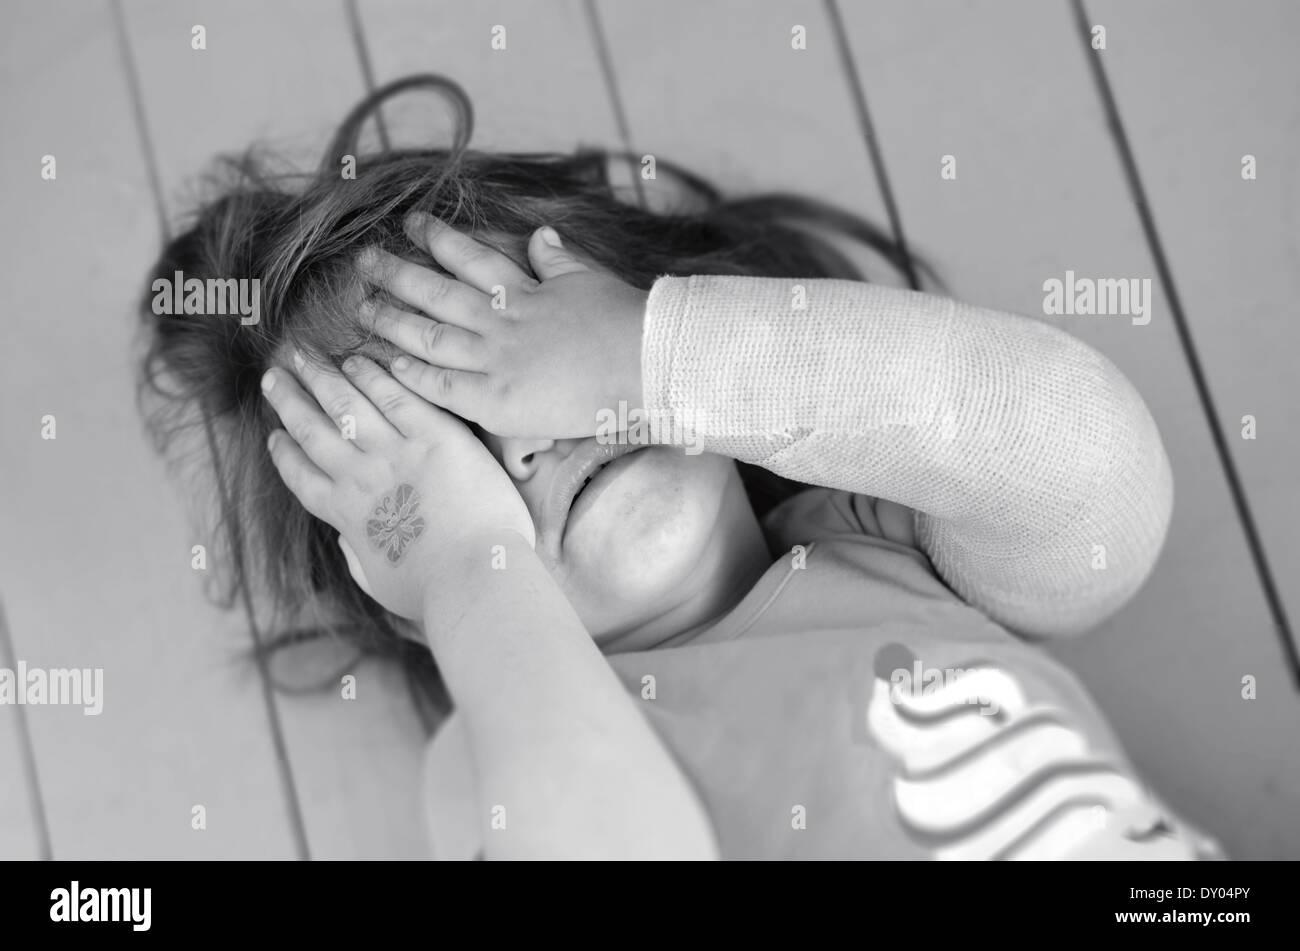 Abusé de petite fille avec un bras cassé couvrant ici visage tout en pleurant. Photo concept de violence Photo Stock